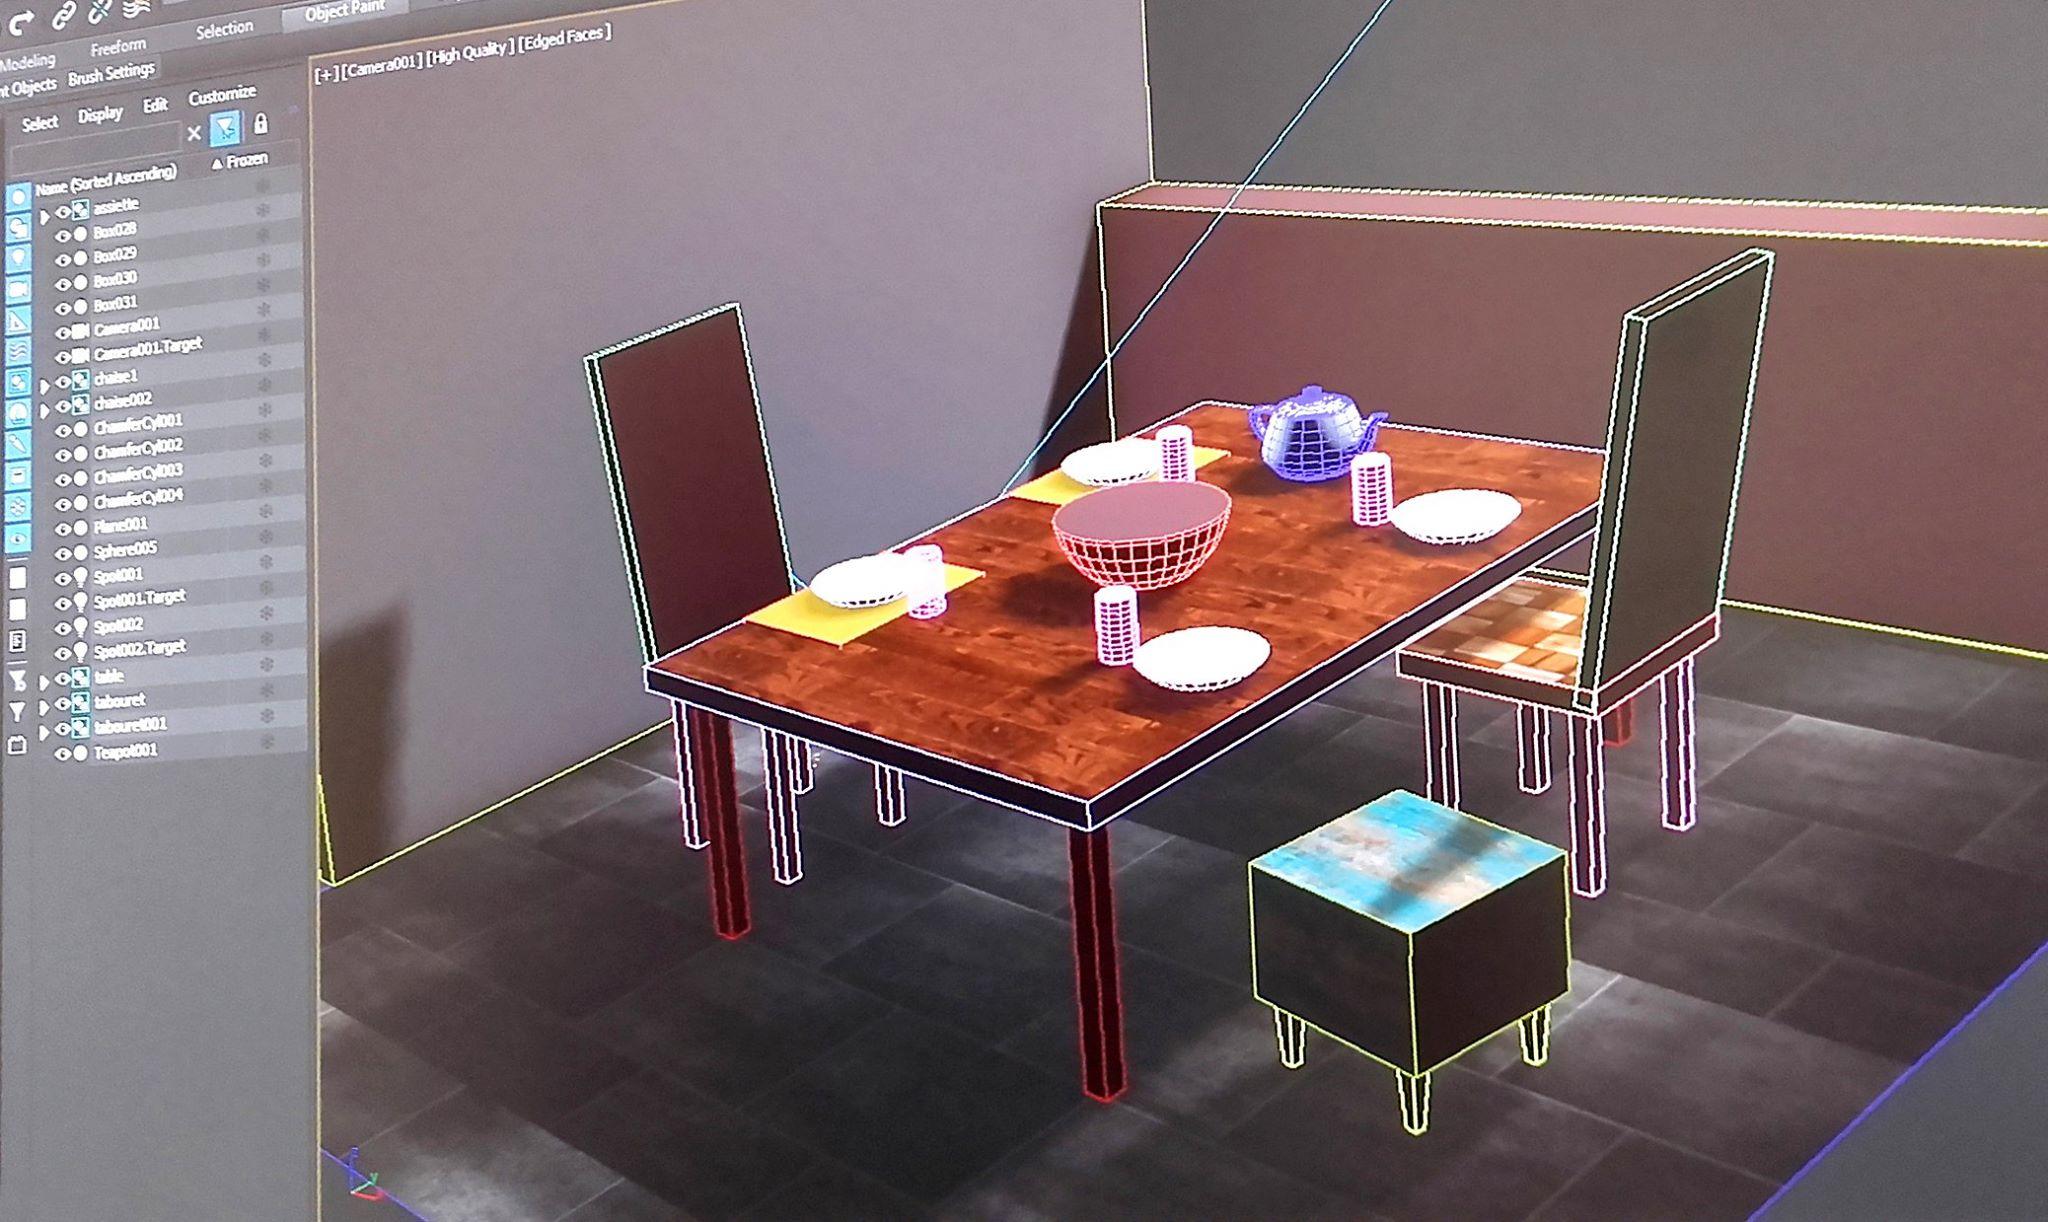 création simple sur 3Ds-Max un